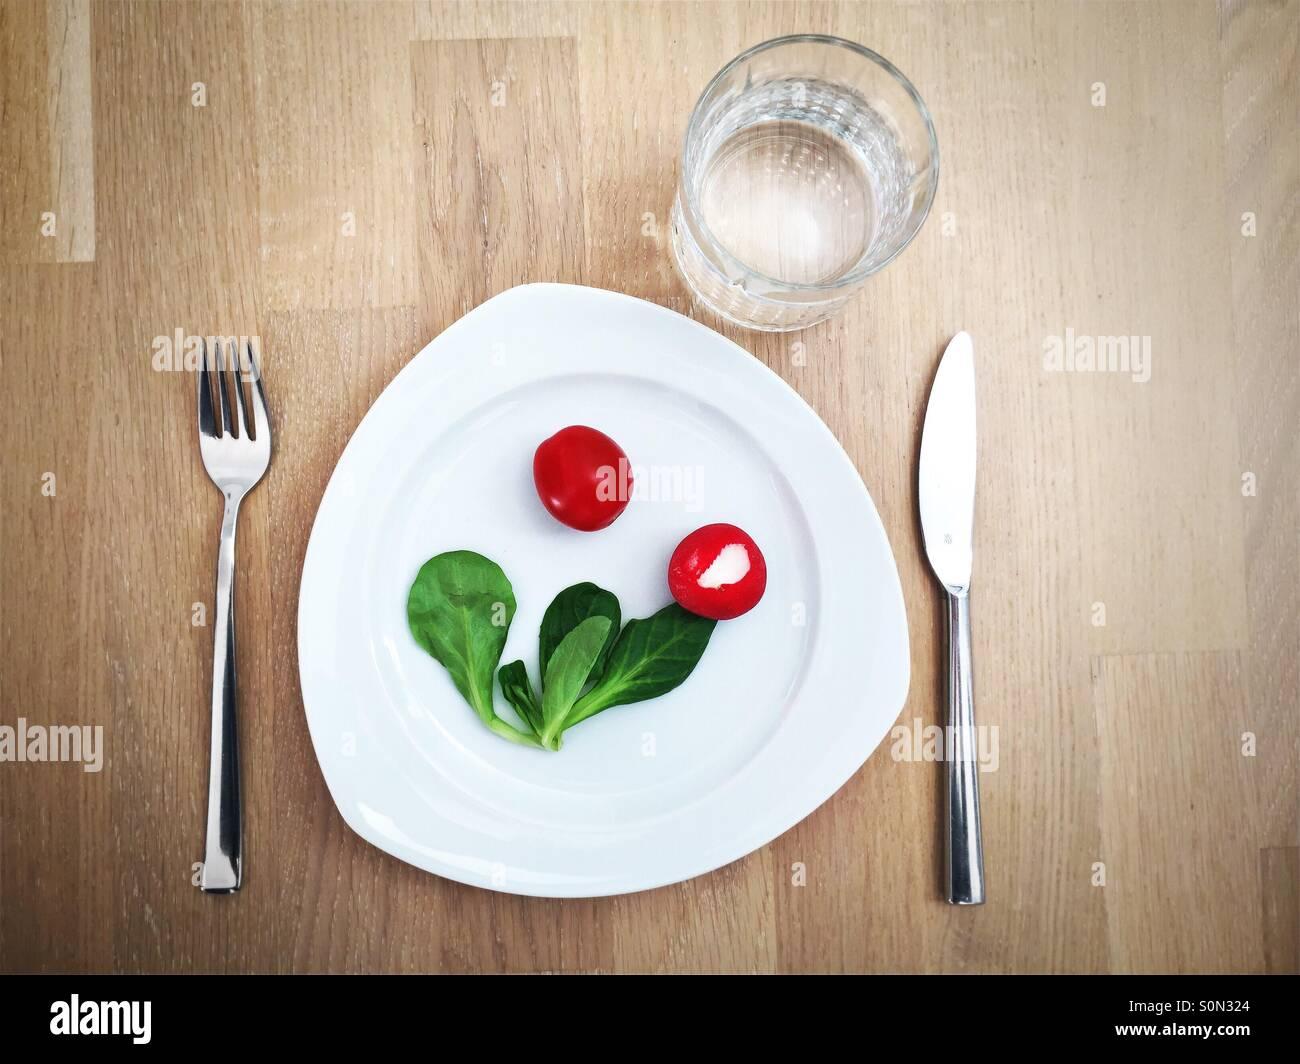 Comida vegana Imagen De Stock